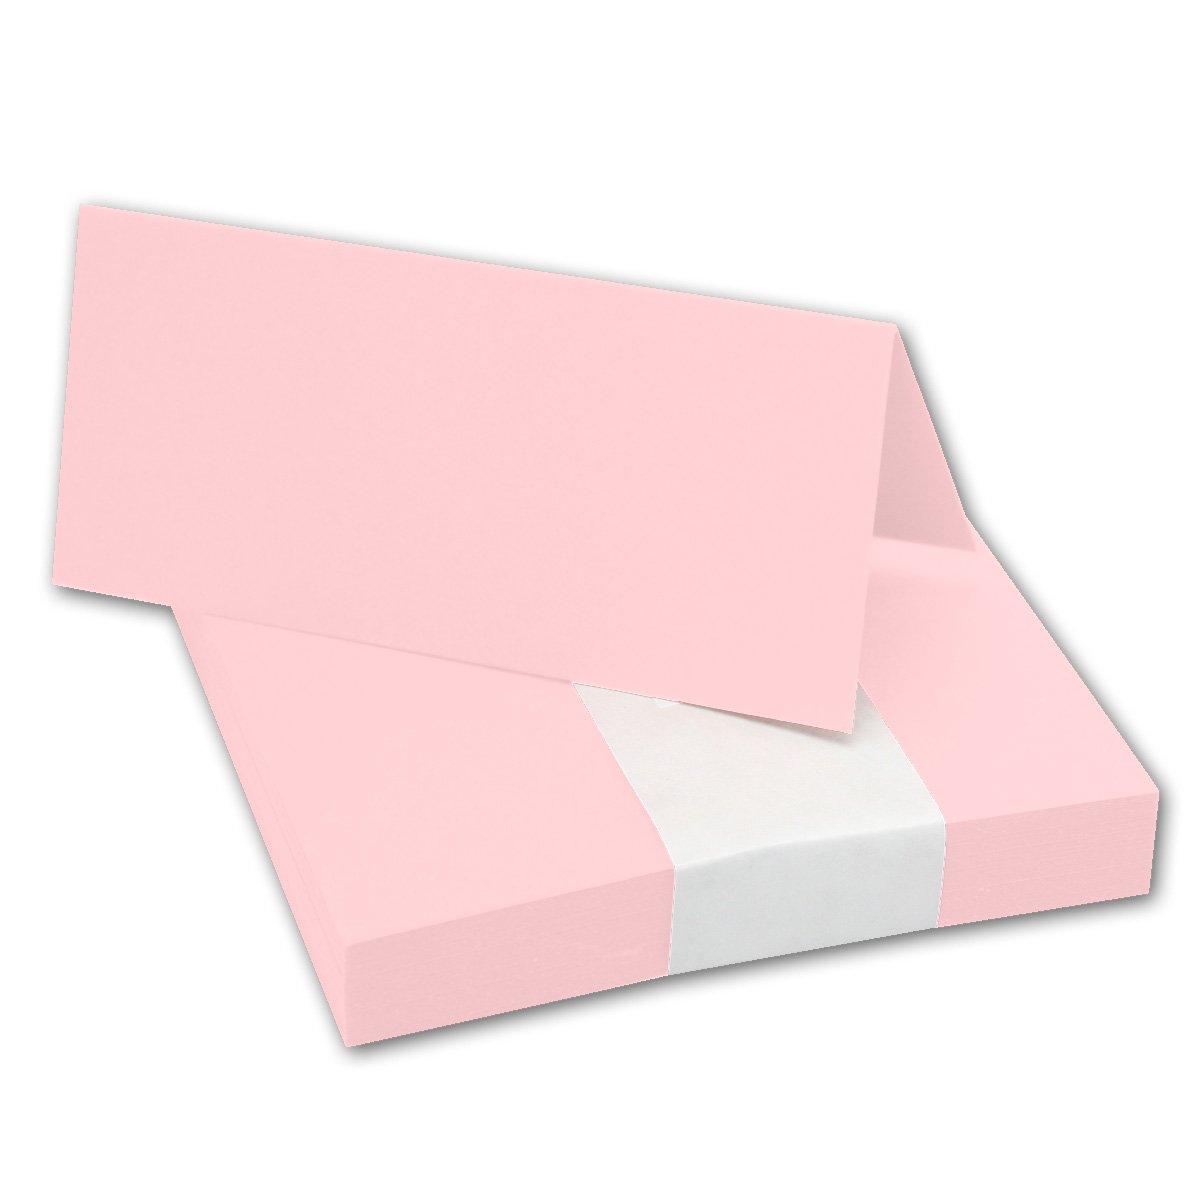 Segnaposto in rosa//Dimensioni: 100x 90mm (piegati 100x 45mm)//240G/m²//Molto e qualità stabile//pesante in della Serie colori vivaci di Neuser. 50 Tischkarten rosa